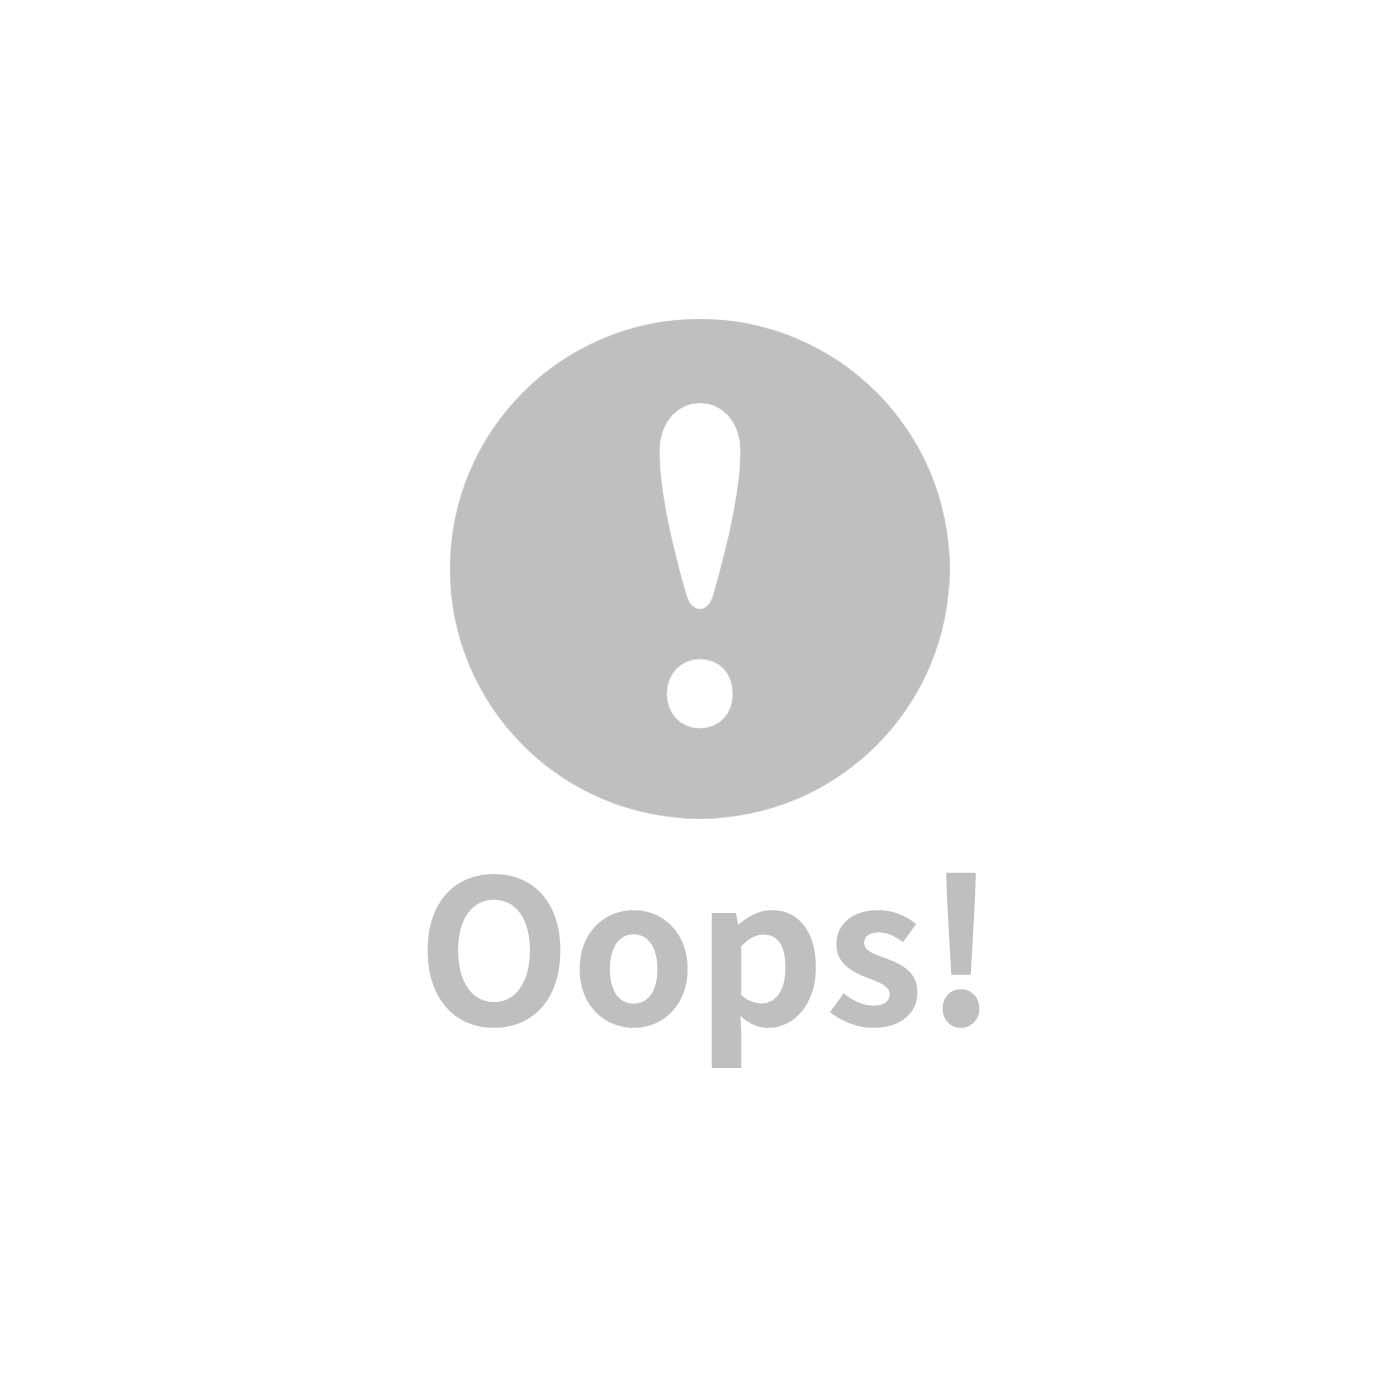 【此商品為預購品,於6/19起出貨】La Millou 送禮套組(竹纖涼感巾+豆豆小豬枕)-贈送禮提袋